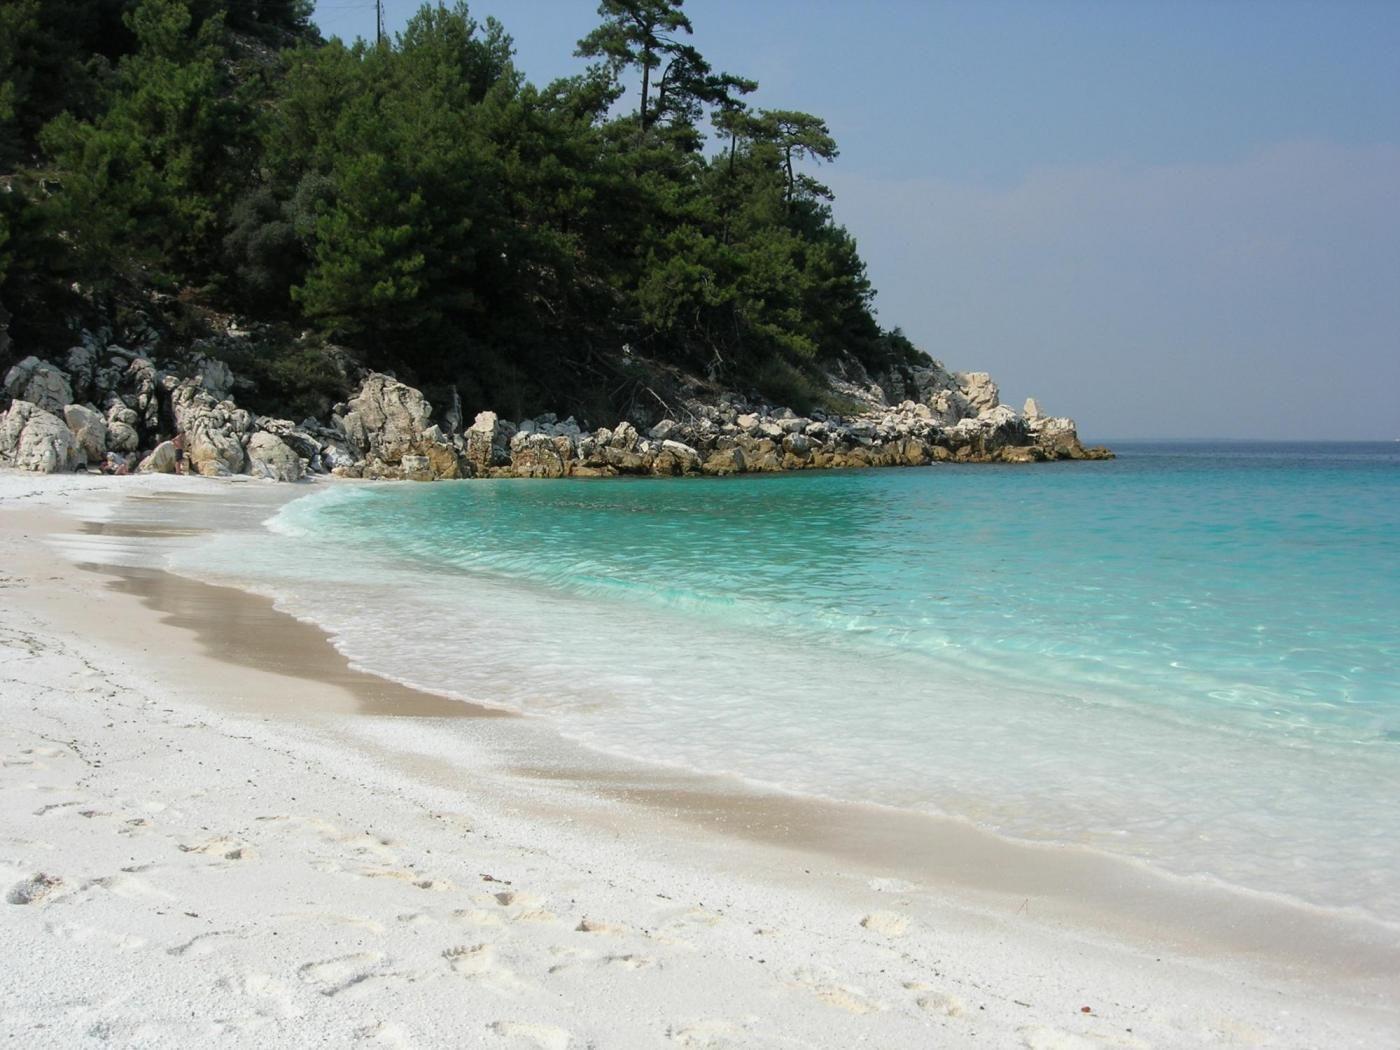 Σαλιάρα είναι μια παραλία στην ανατολική ακτή της Θάσου, περίπου 5 χλμ νότια της Makryammos